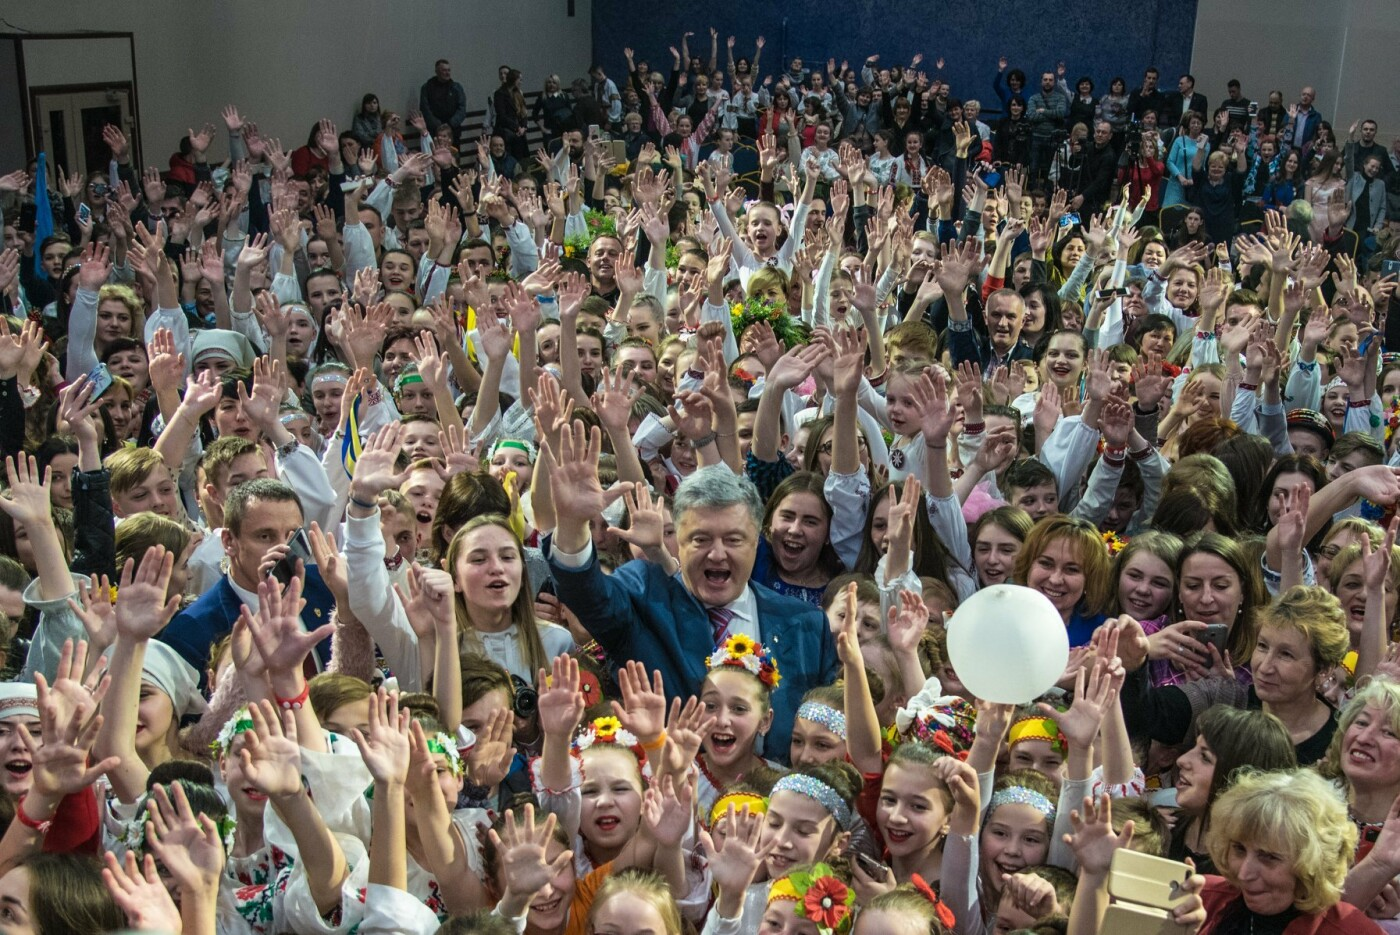 """На Тернопільщині встановили рекорд: наймасовіше виконання пісні """"Вставай Сонце"""" (Фото), фото-2"""